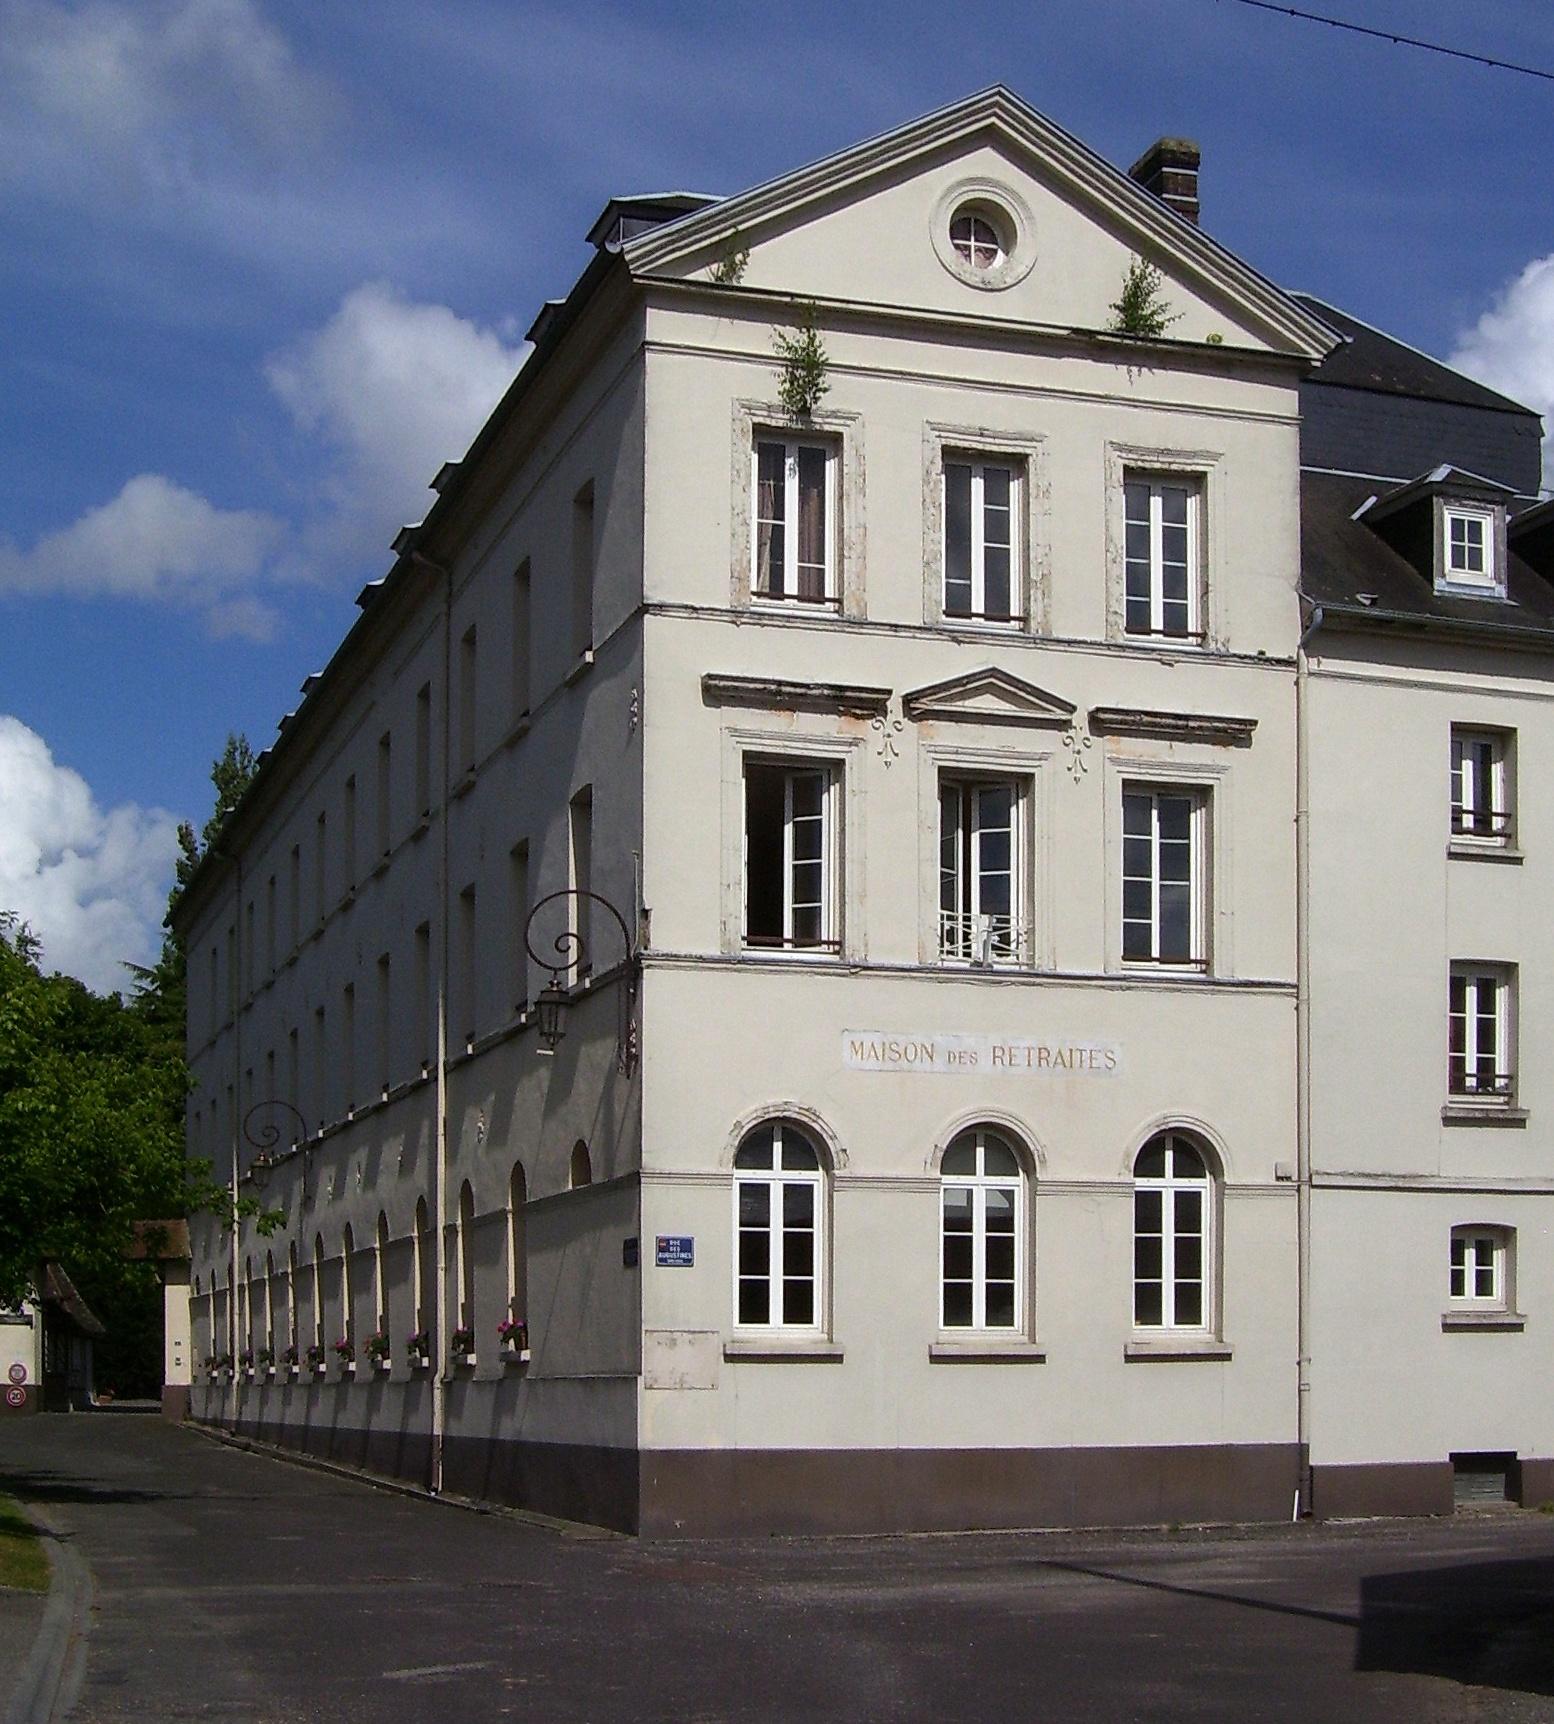 Front des ehemaligen Hospizs, eigenes Foto (auf Commons), Lizenz:public domain/gemeinfrei